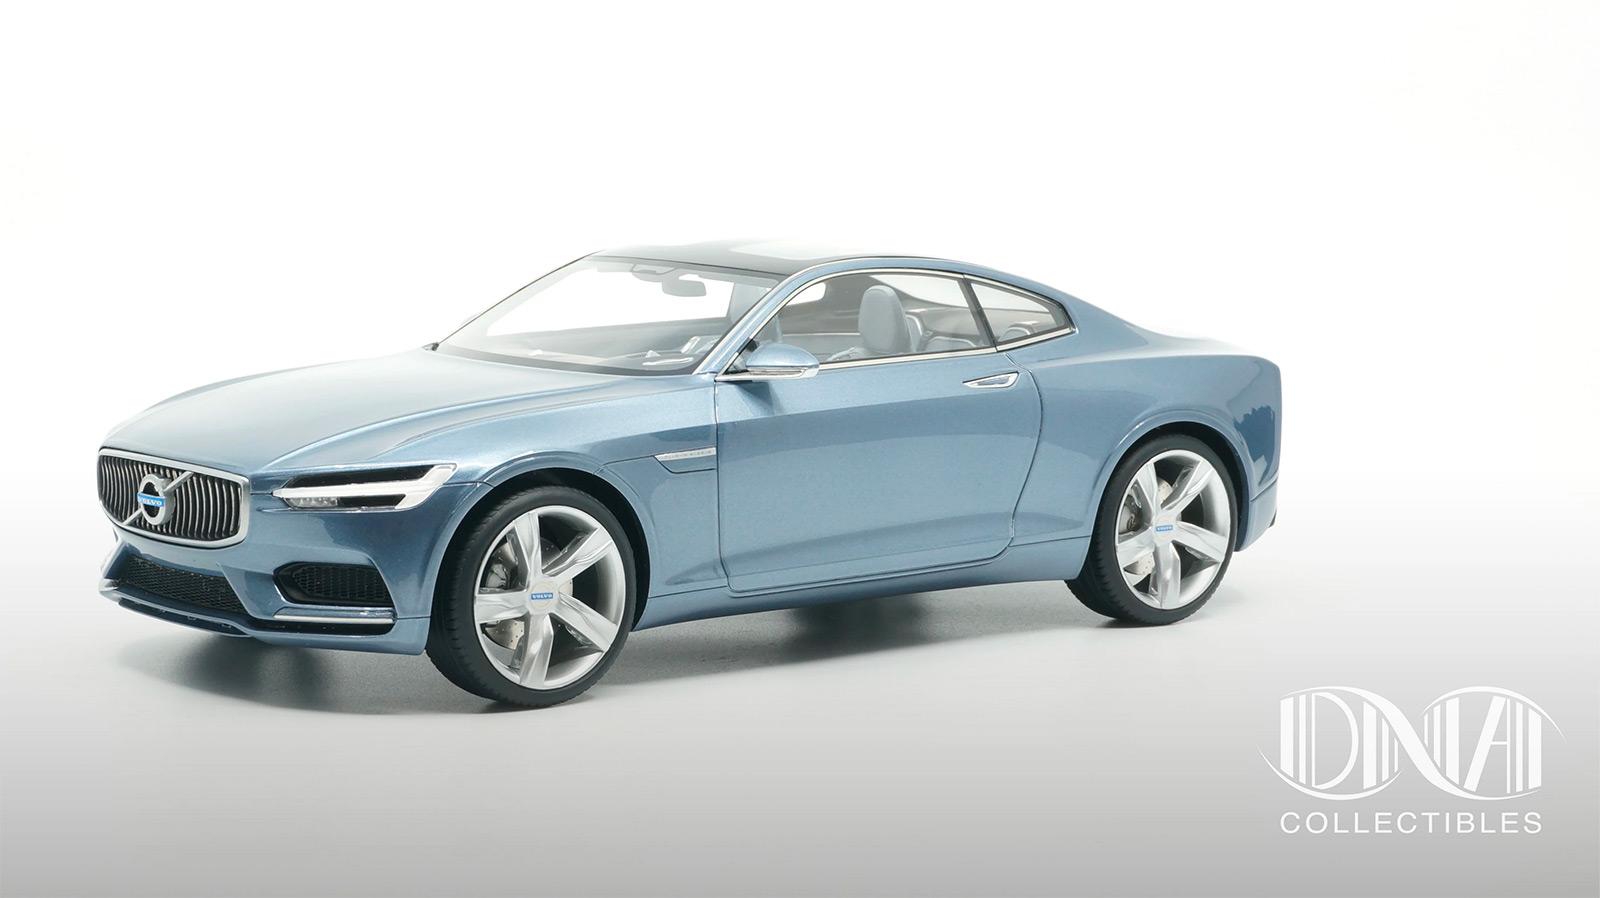 Volvo Concept Coupé DNA Collectibles 1/18